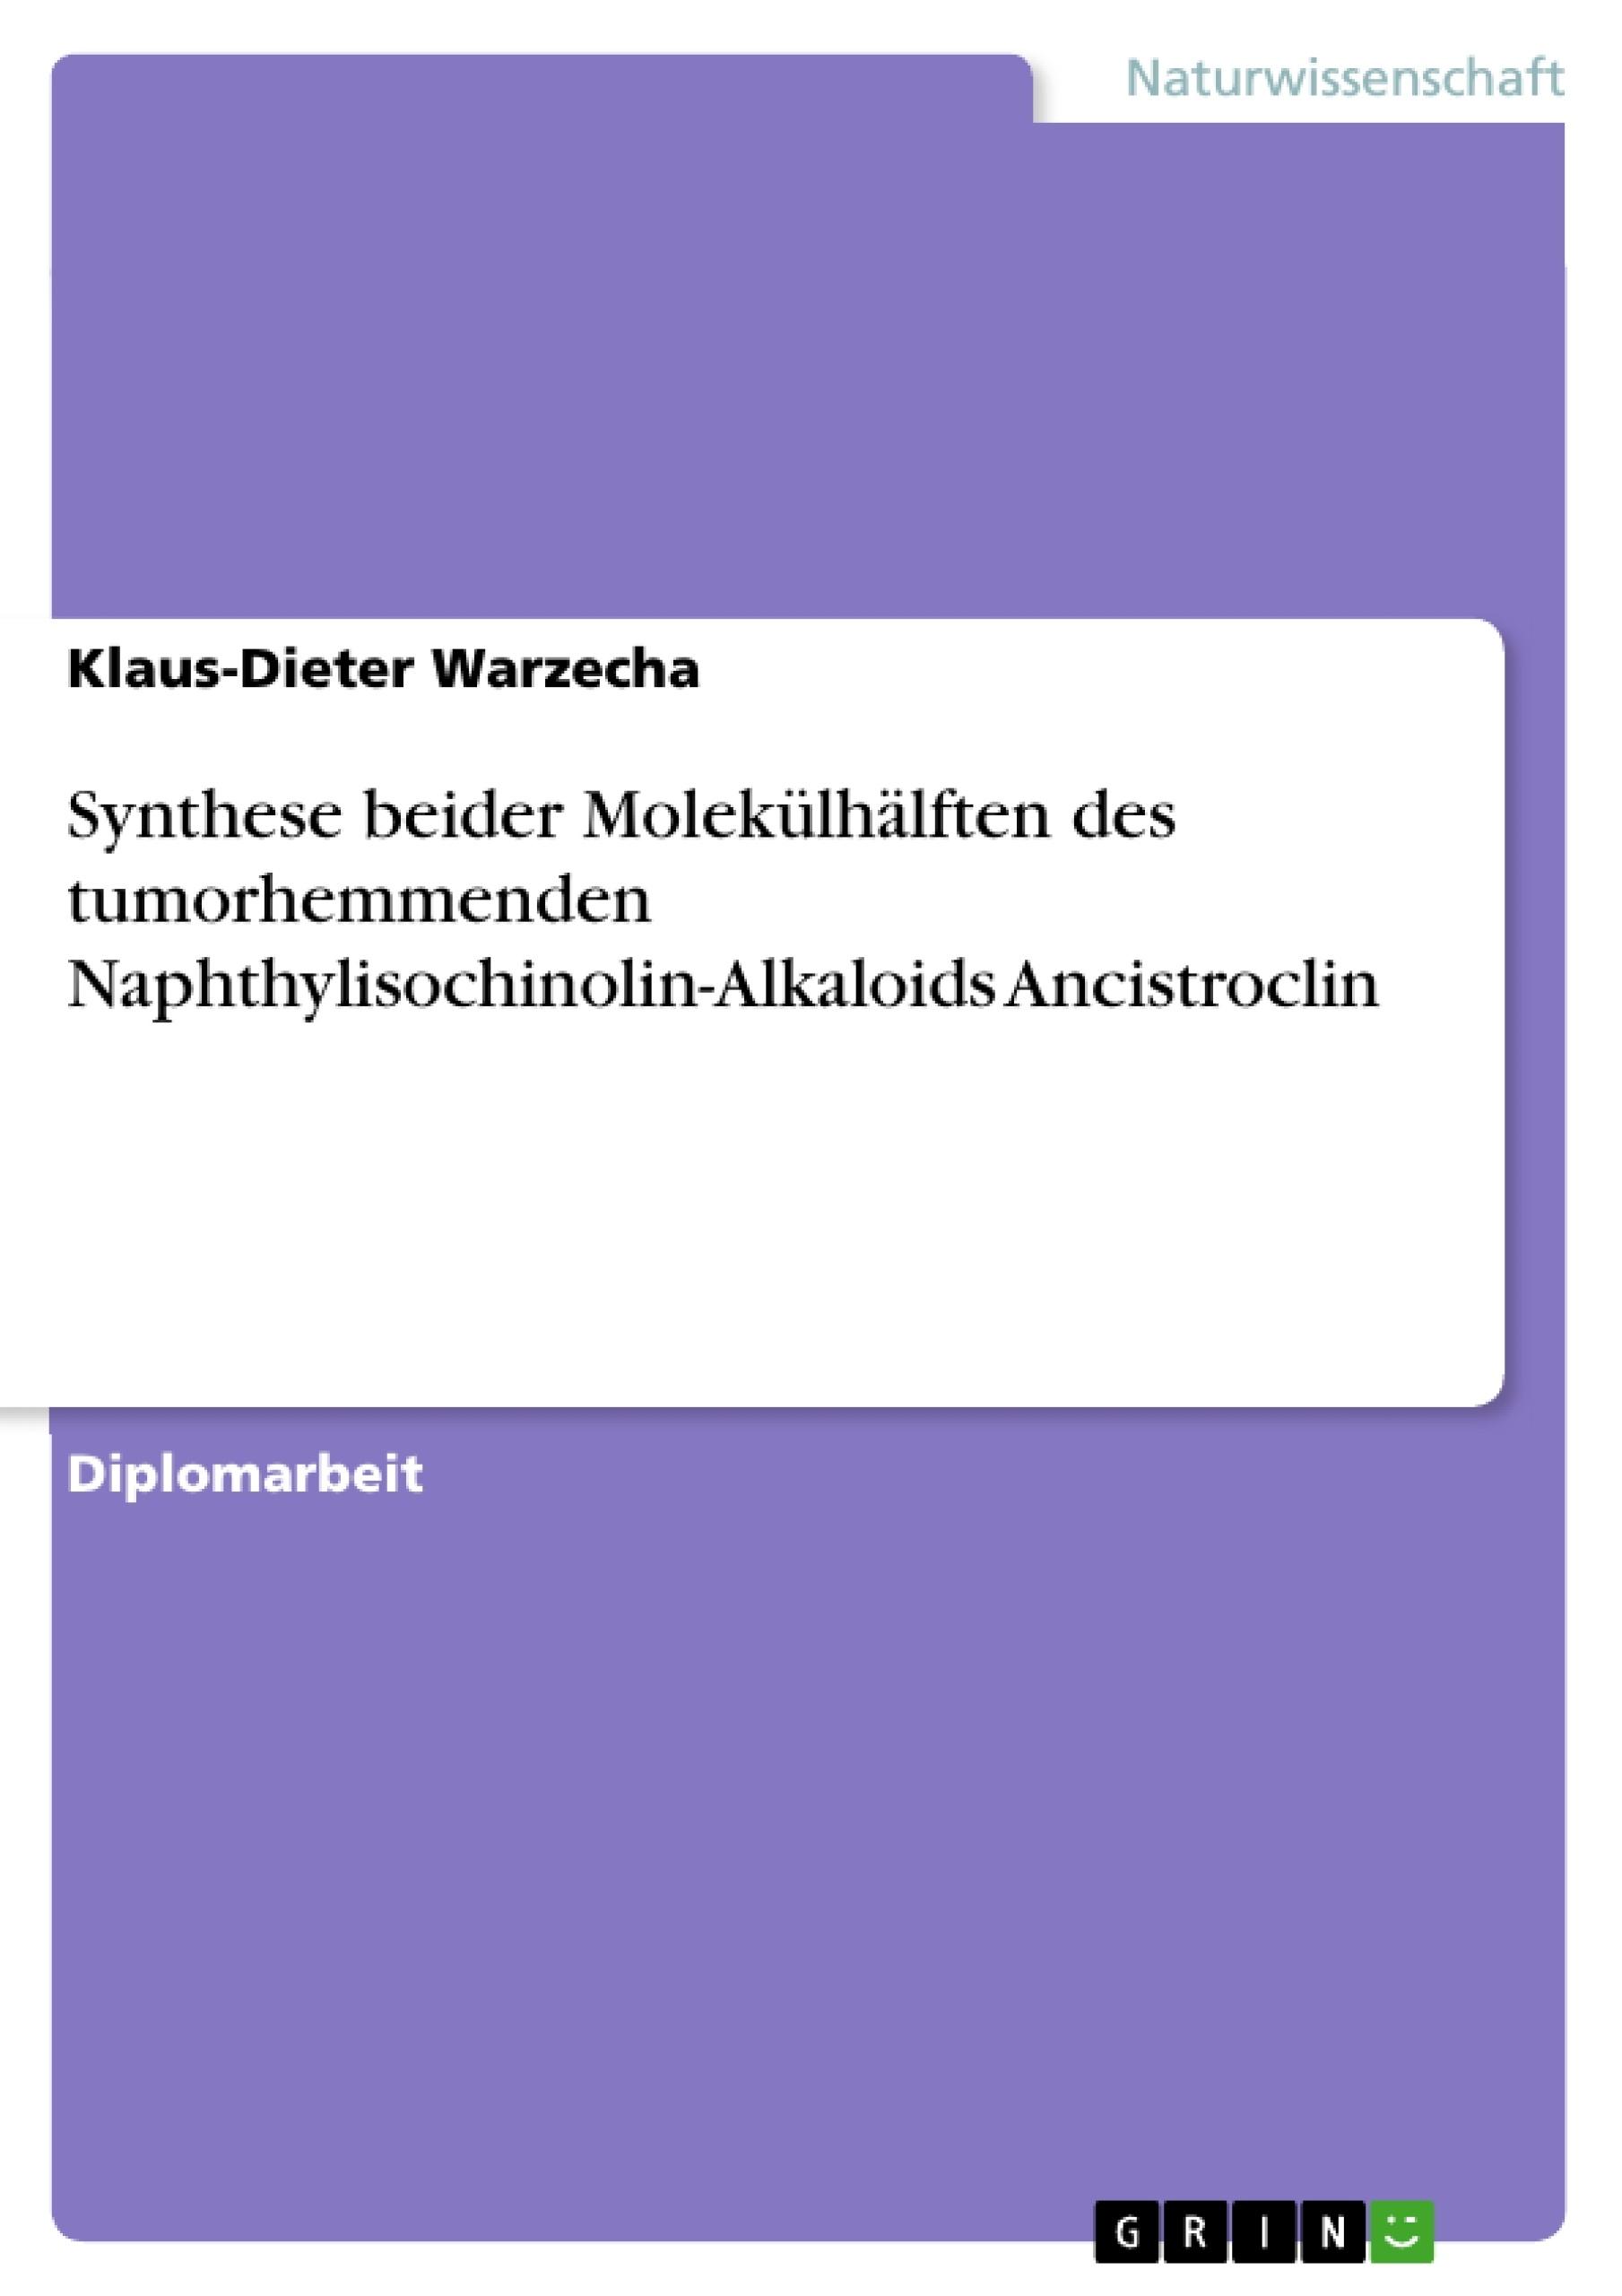 Titel: Synthese beider Molekülhälften des tumorhemmenden Naphthylisochinolin-Alkaloids Ancistroclin